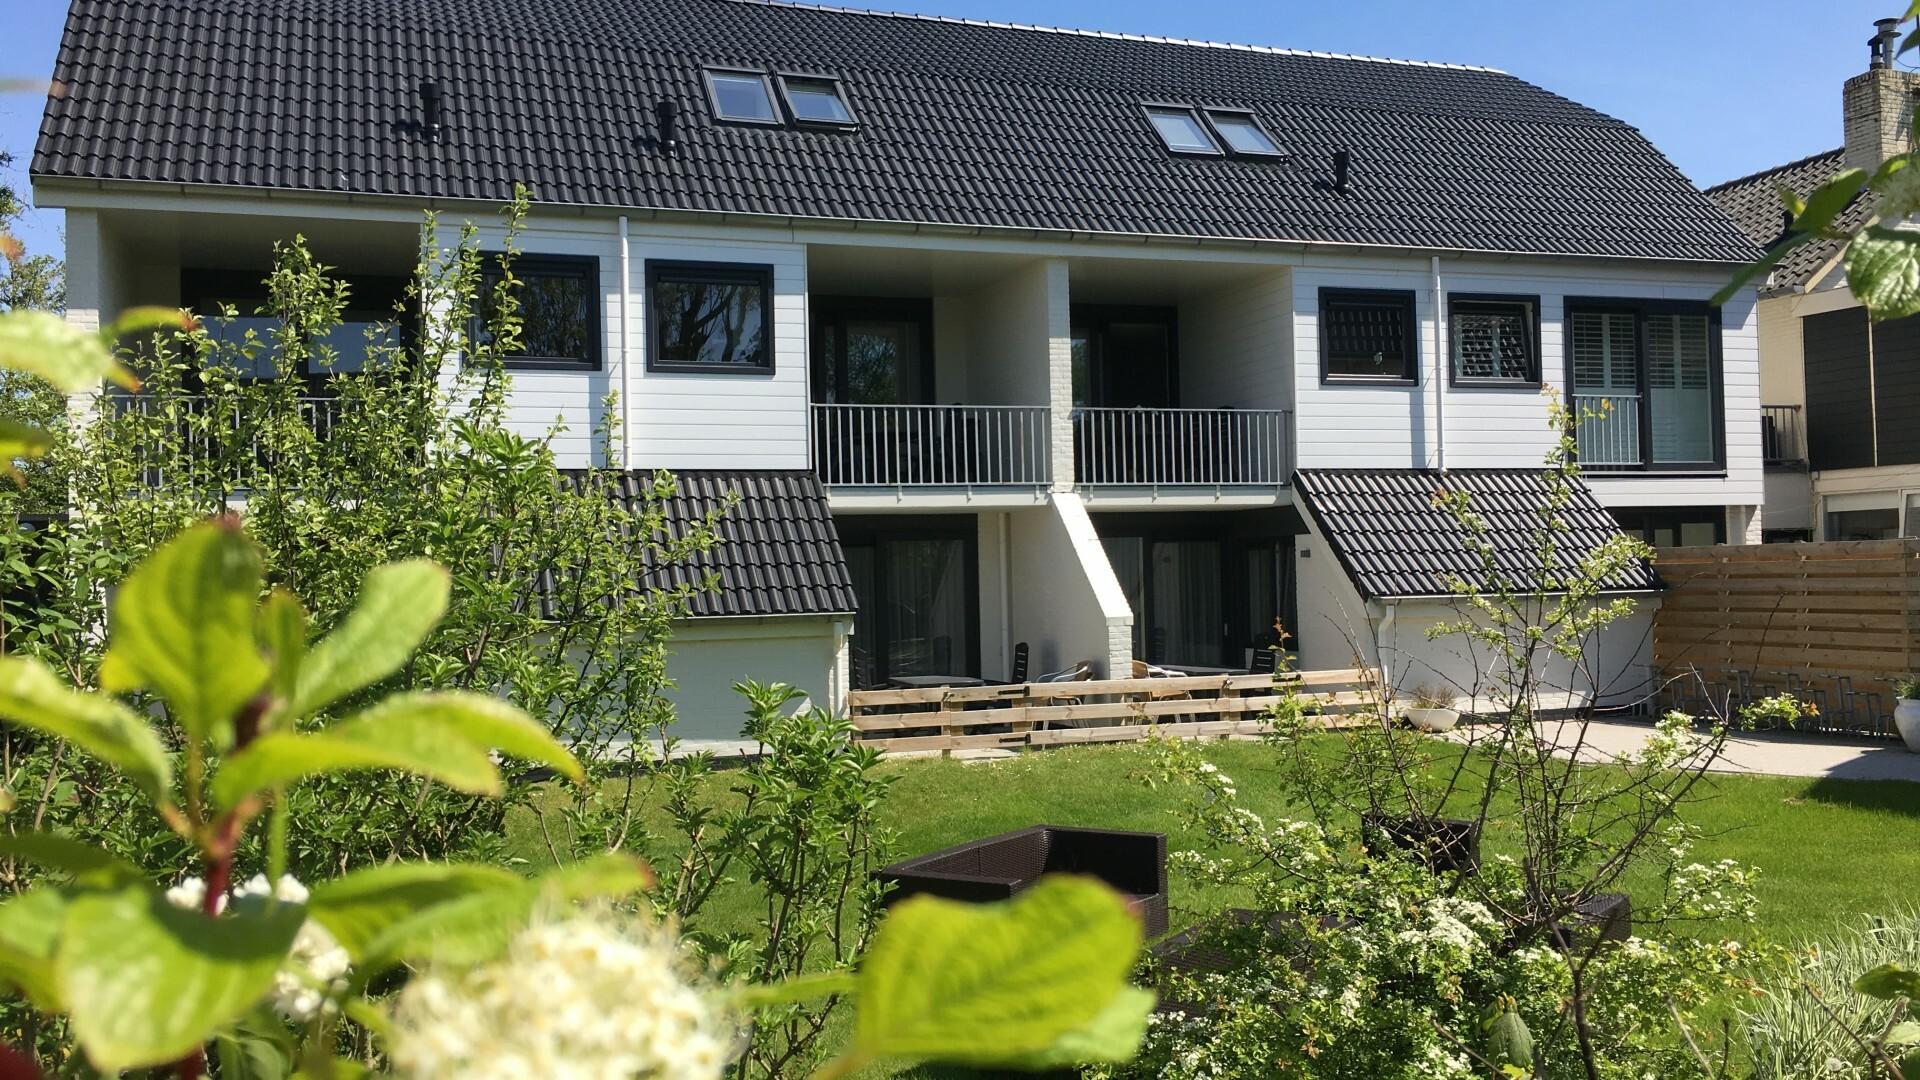 Appartement van Hotel De Zwaluw in De Koog VVV Texel